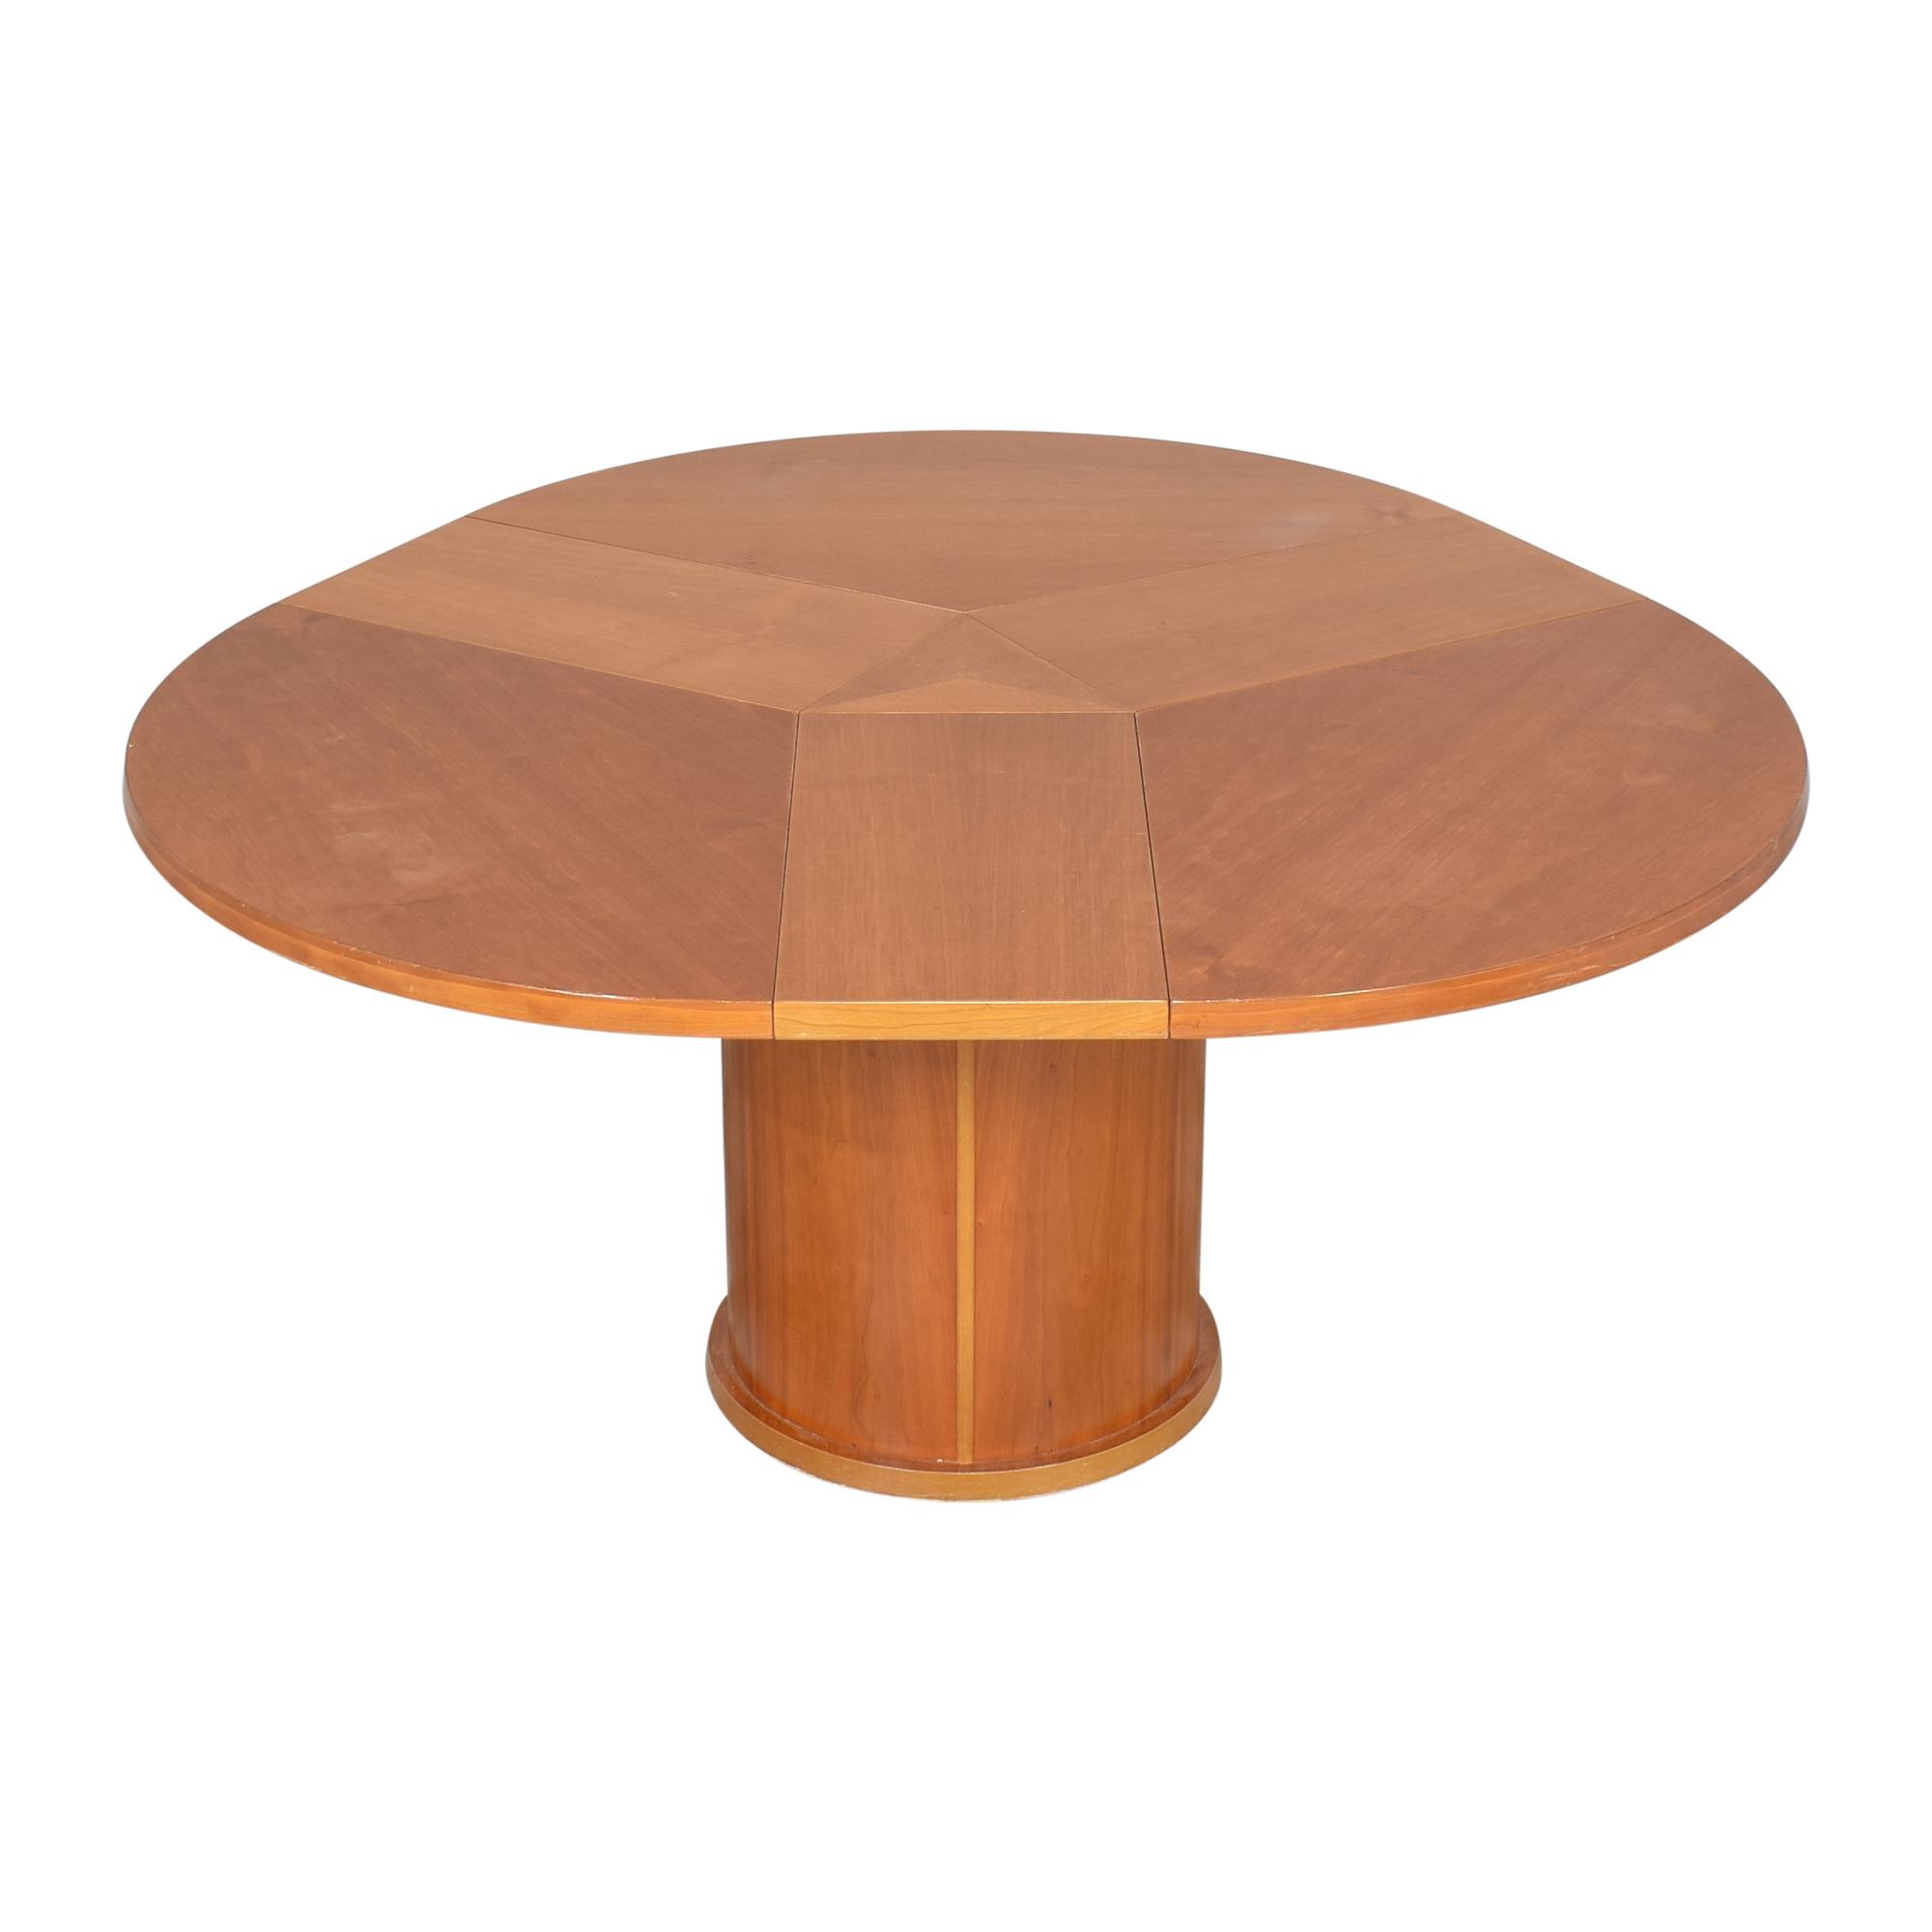 Skovby Skovby SM 32 Dining Table nj